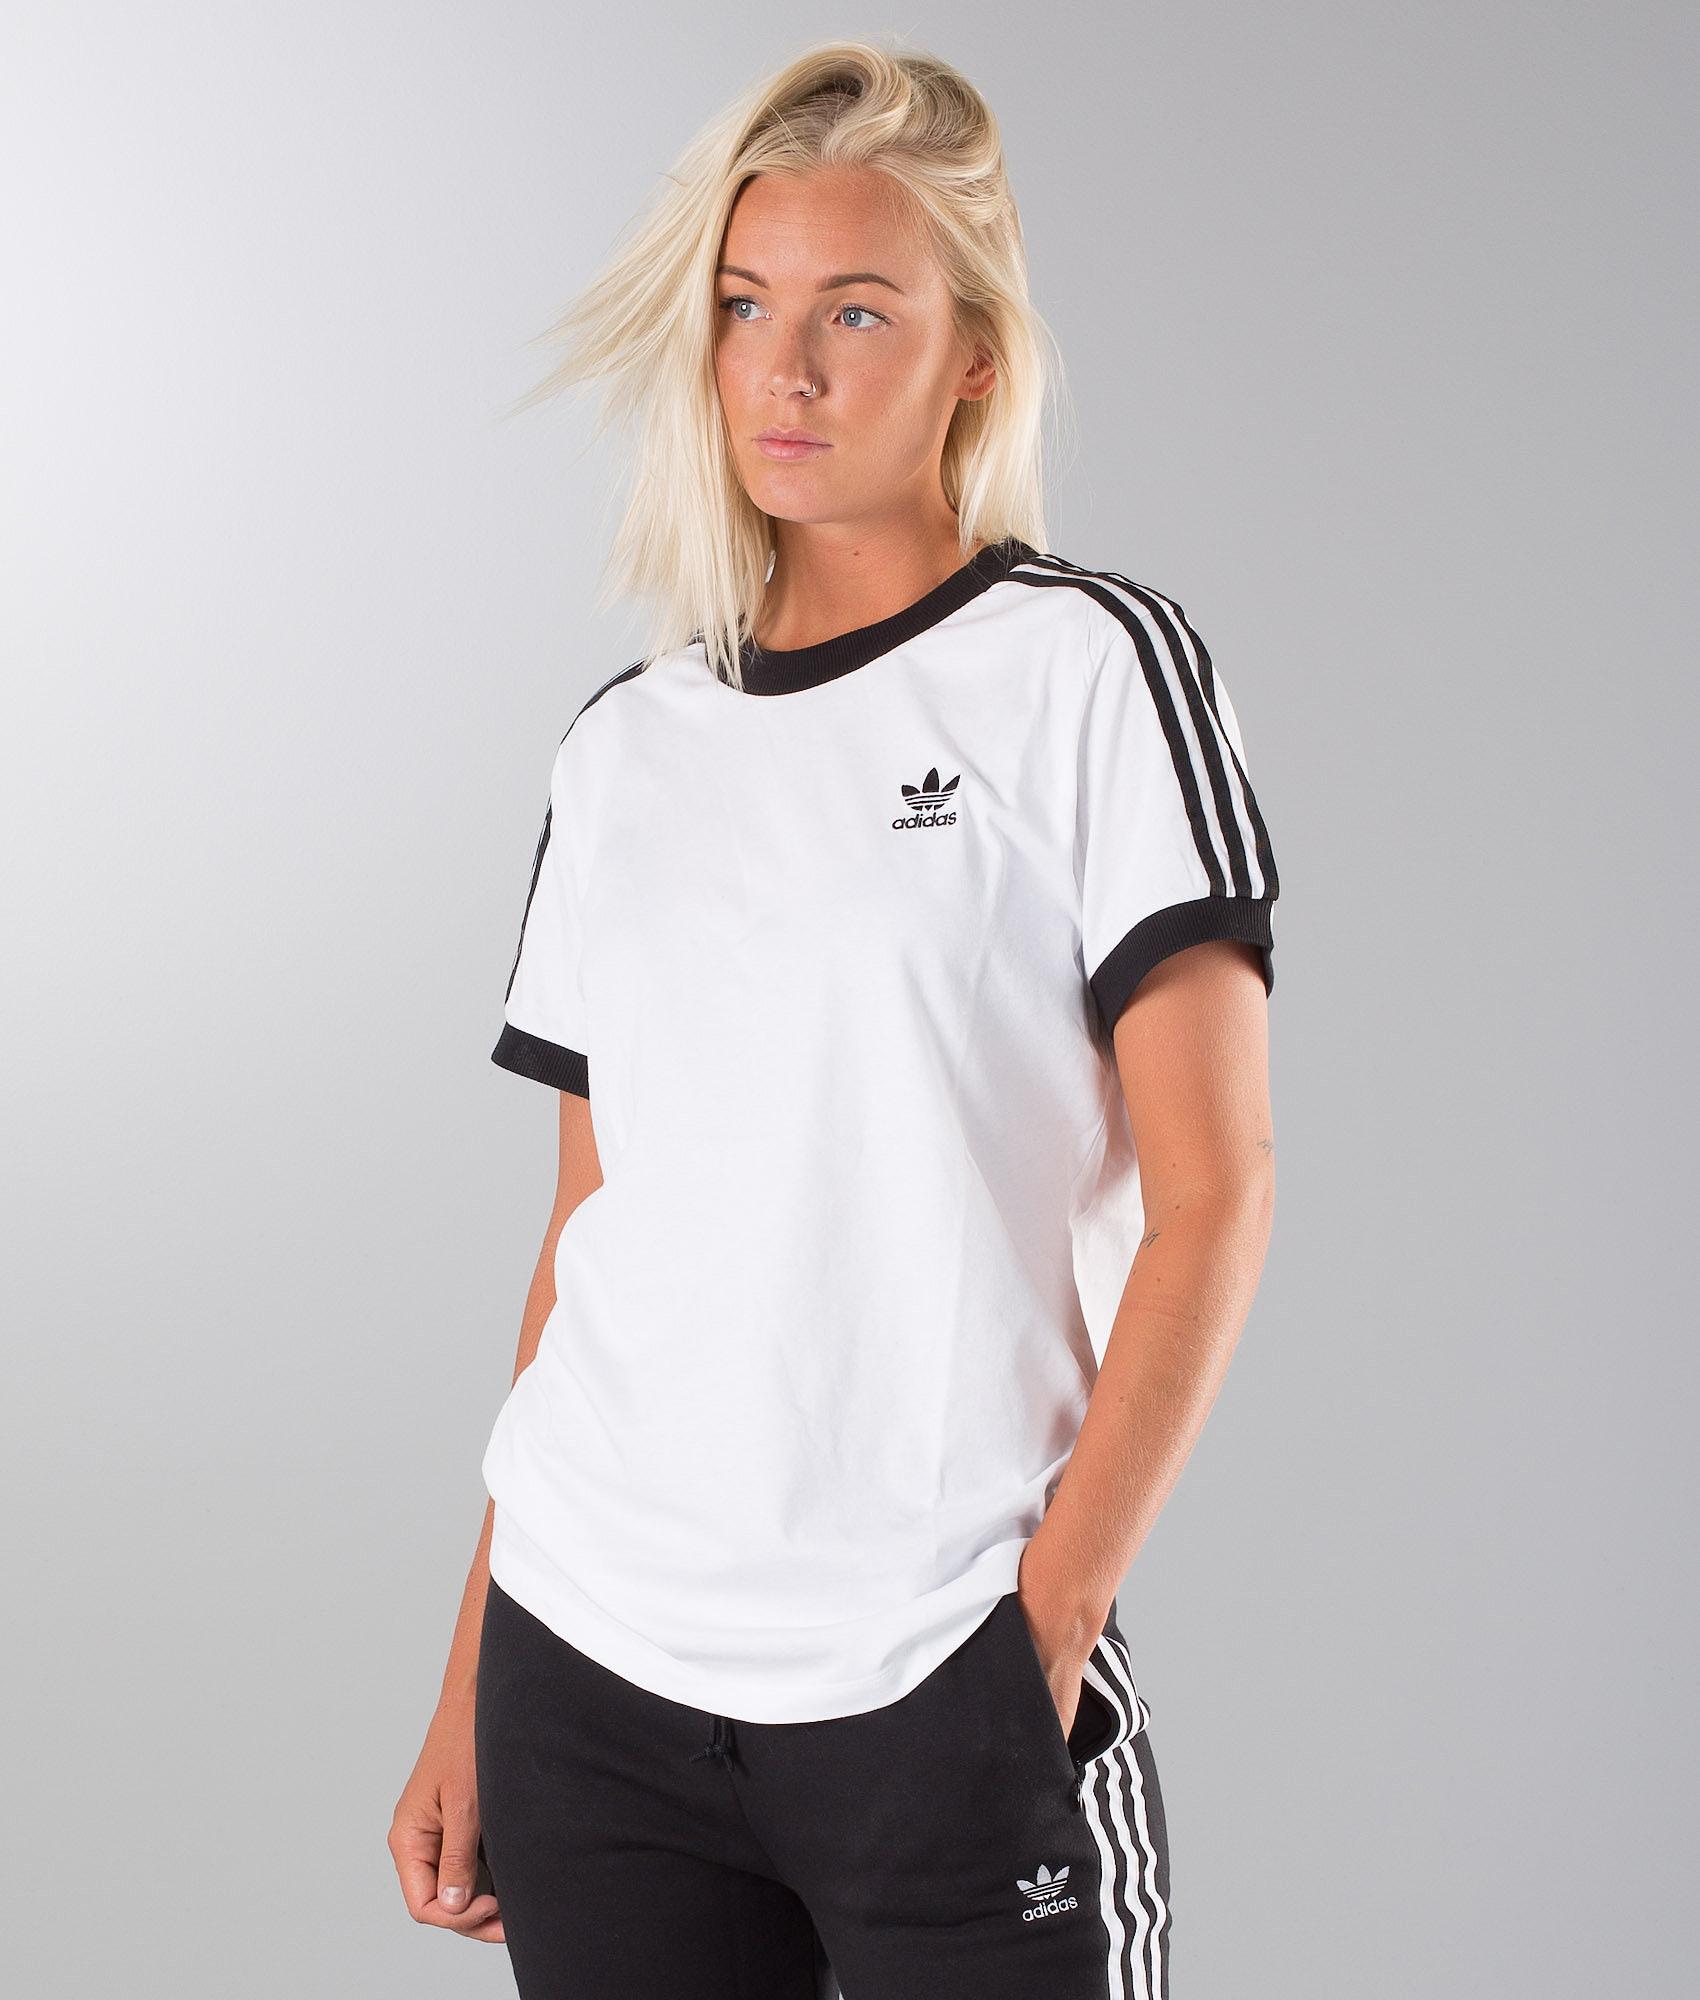 e6fdfcc2072 Adidas Originals 3 Stripes T-shirt White - Ridestore.com